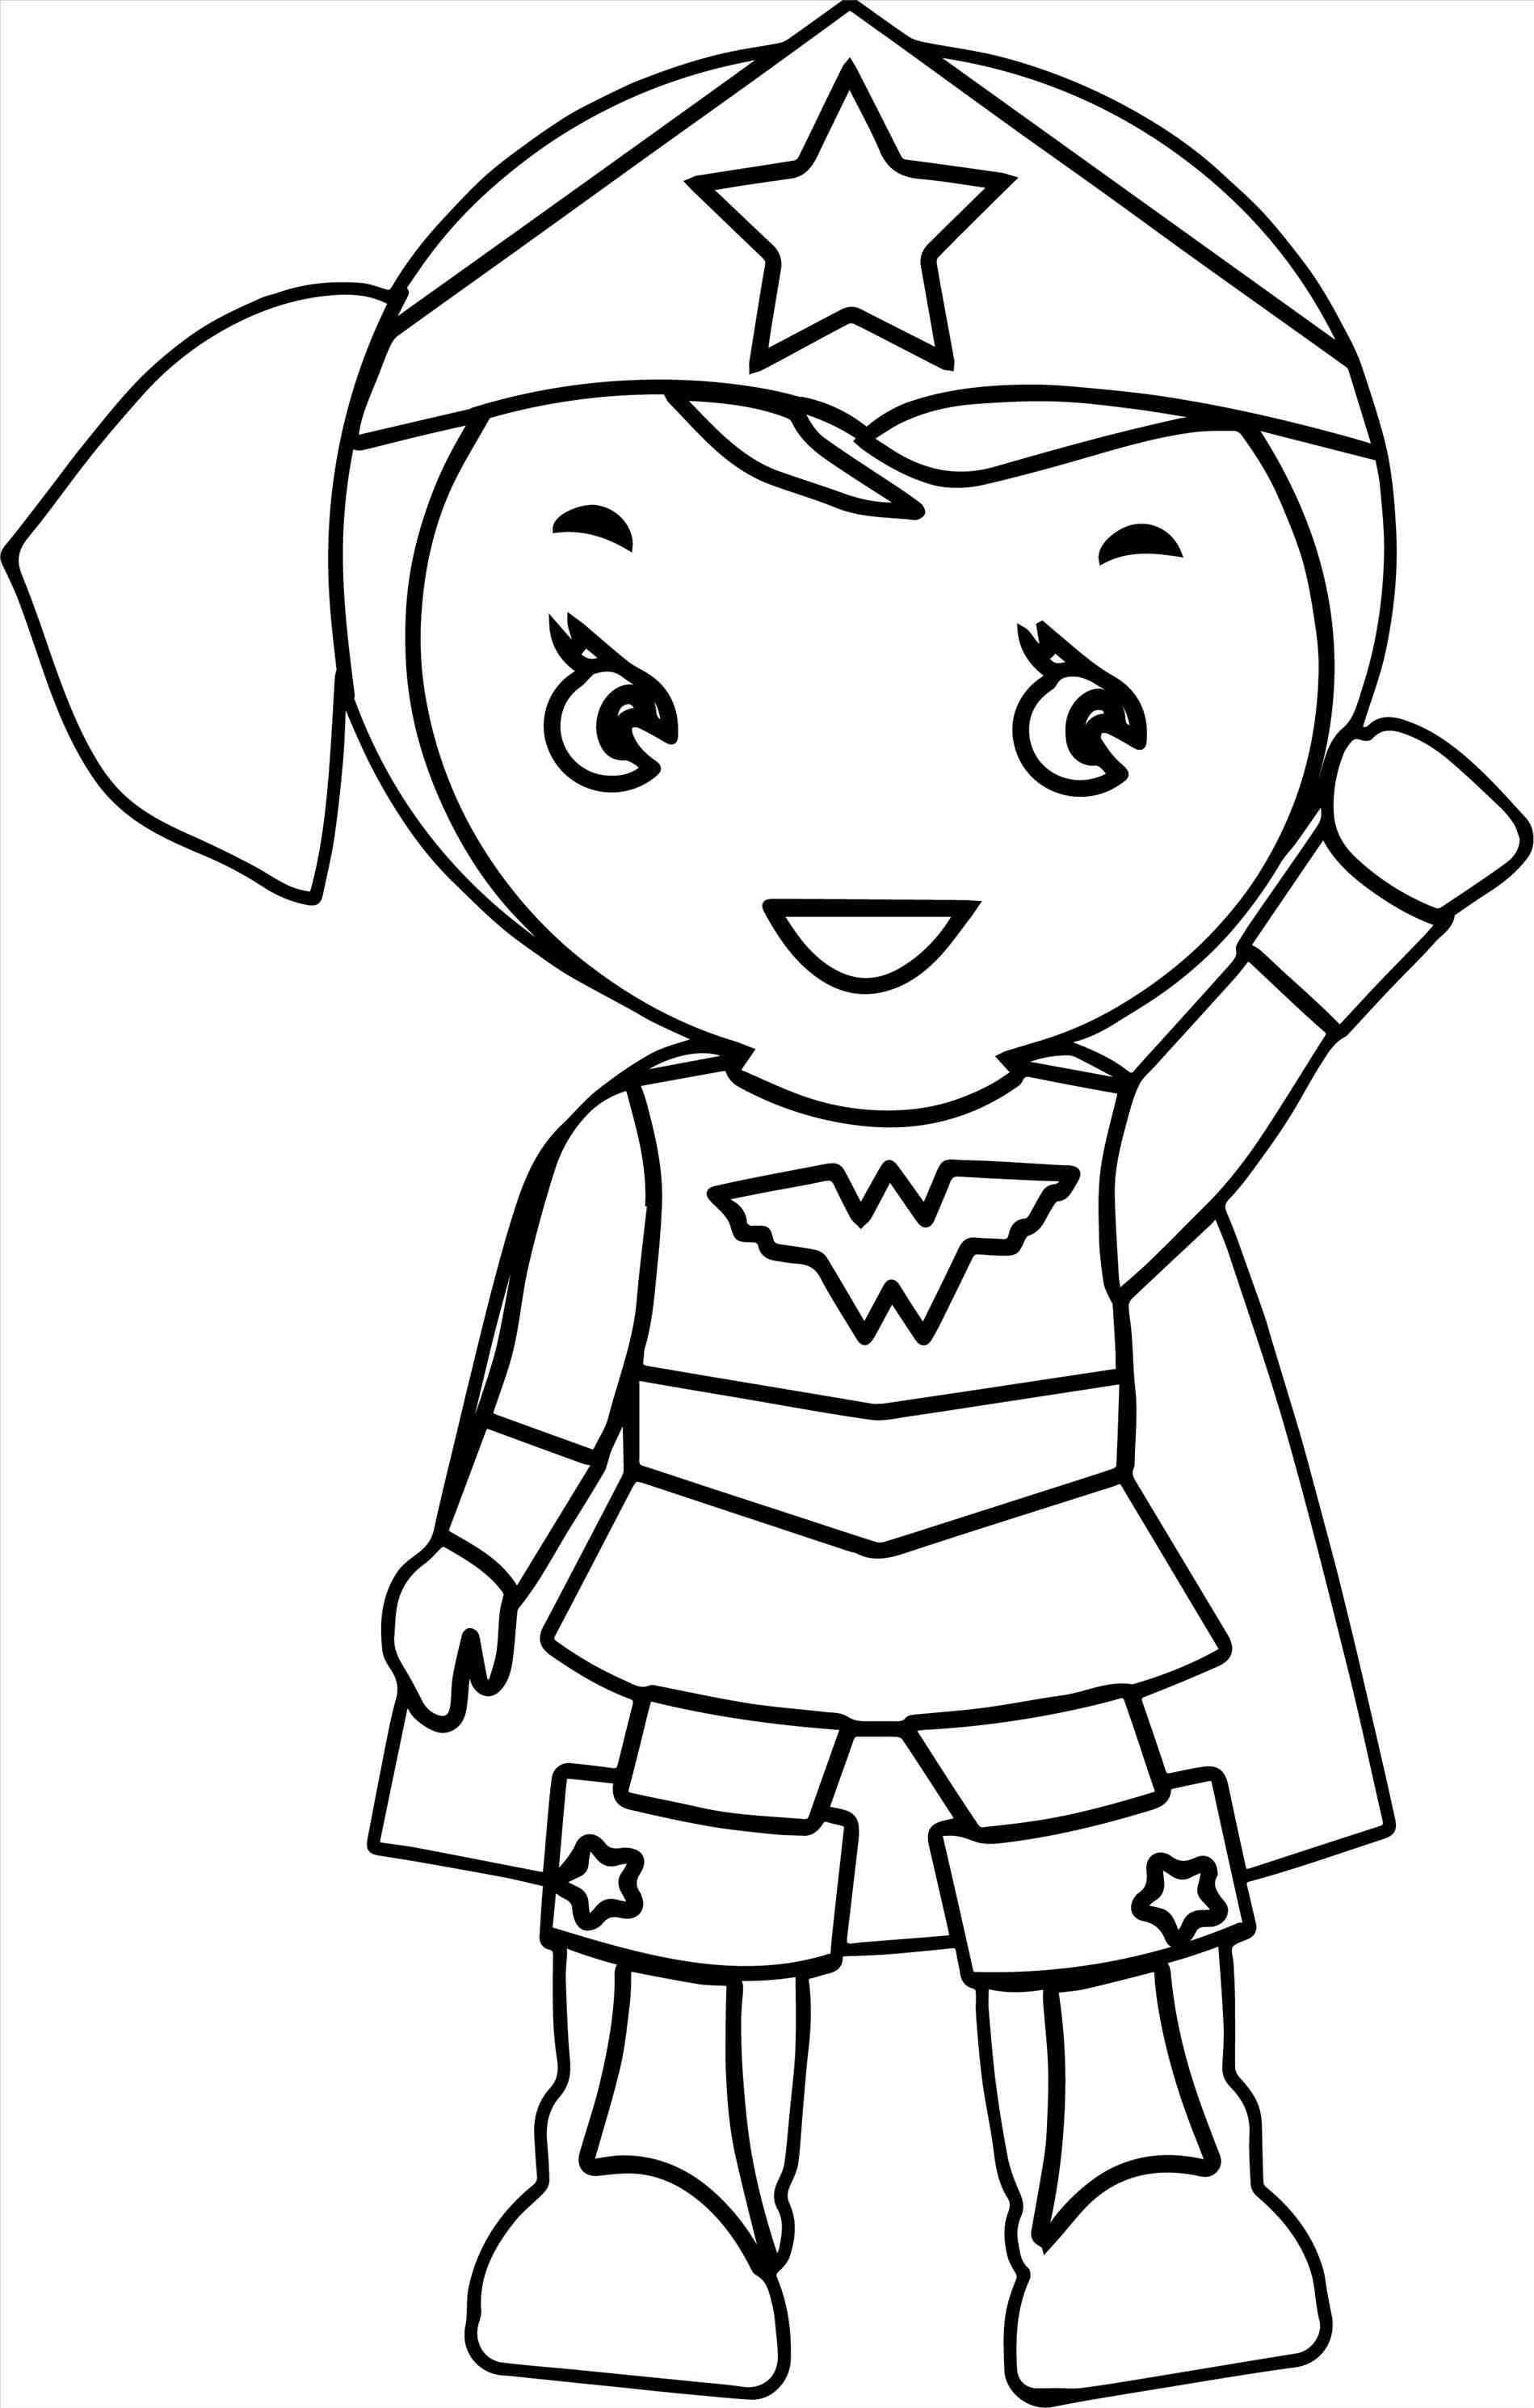 wonder woman coloring sheet wonder woman logo coloring sheet coloring pages for kids woman sheet coloring wonder